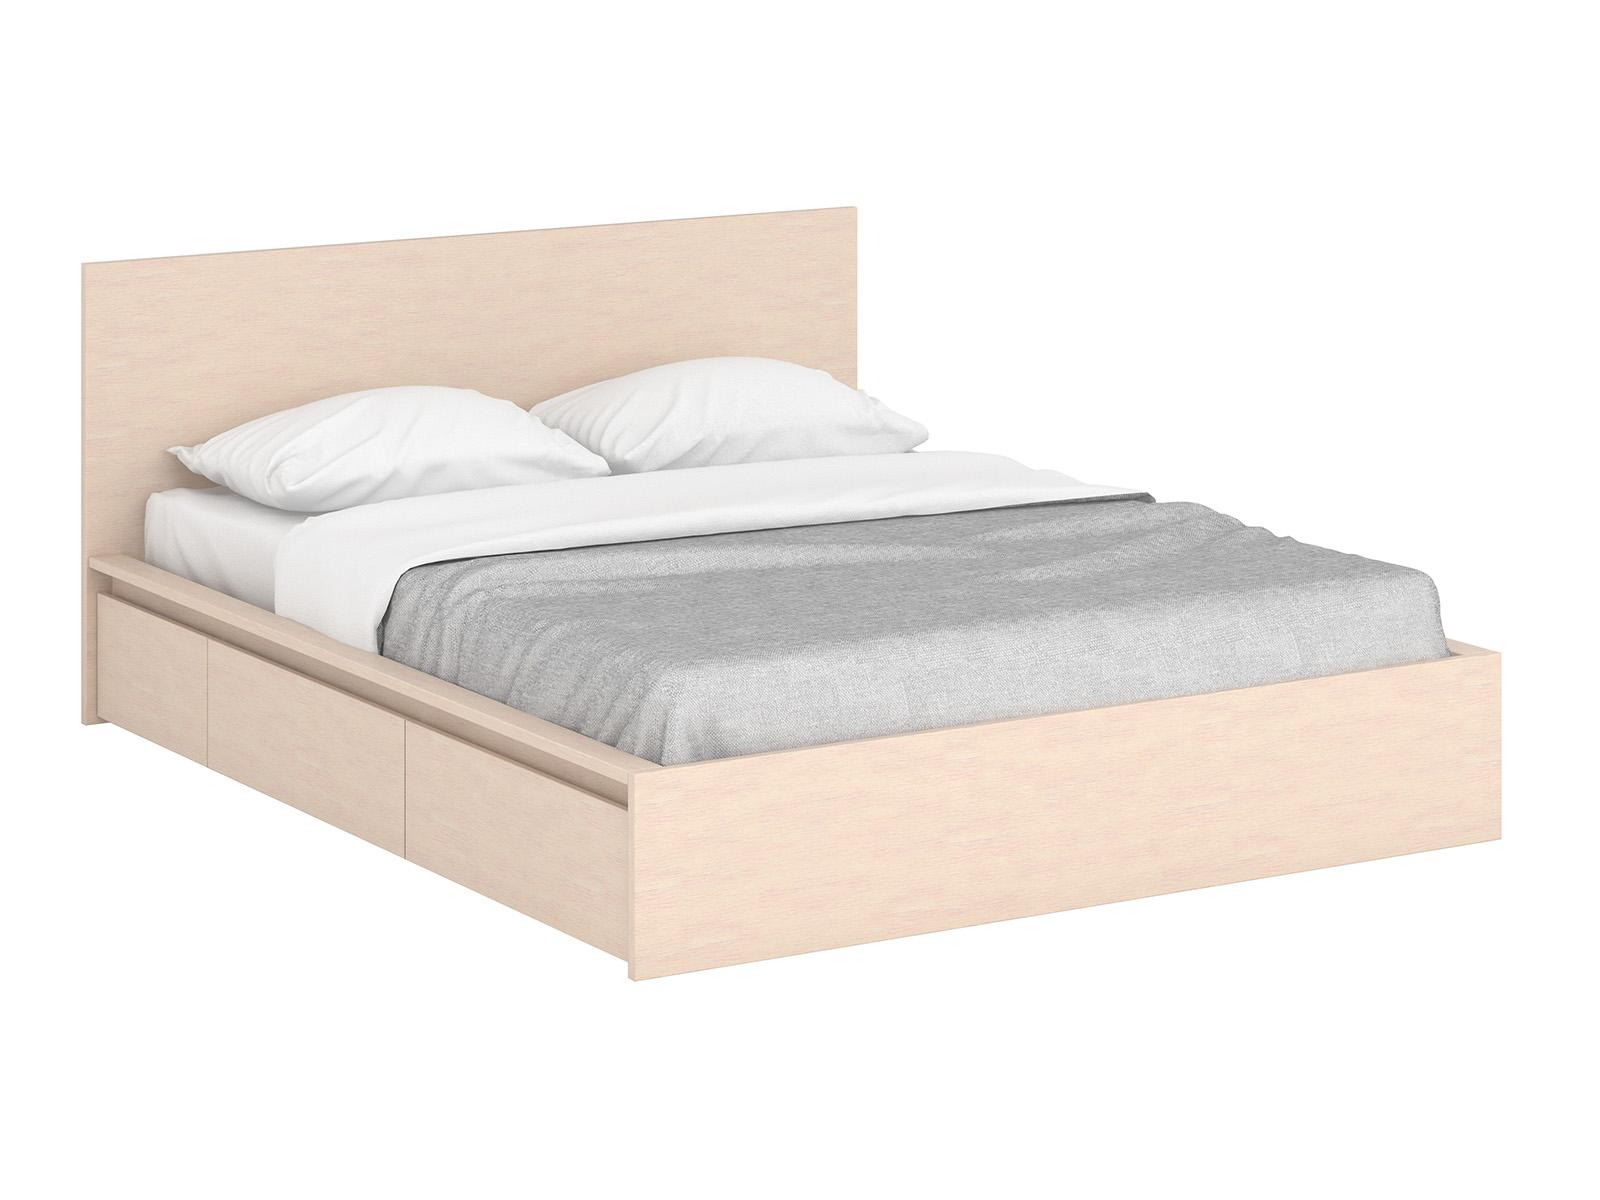 Кровать UnitКровати<br>Кровать двуспальная с 4 выкатными ящиками для белья и двумя выдвижными тумбами у изголовья. Основание кровати  - щитовое, с отверстиями для вентиляции. Размер спального места 1600х2000 мм.<br>